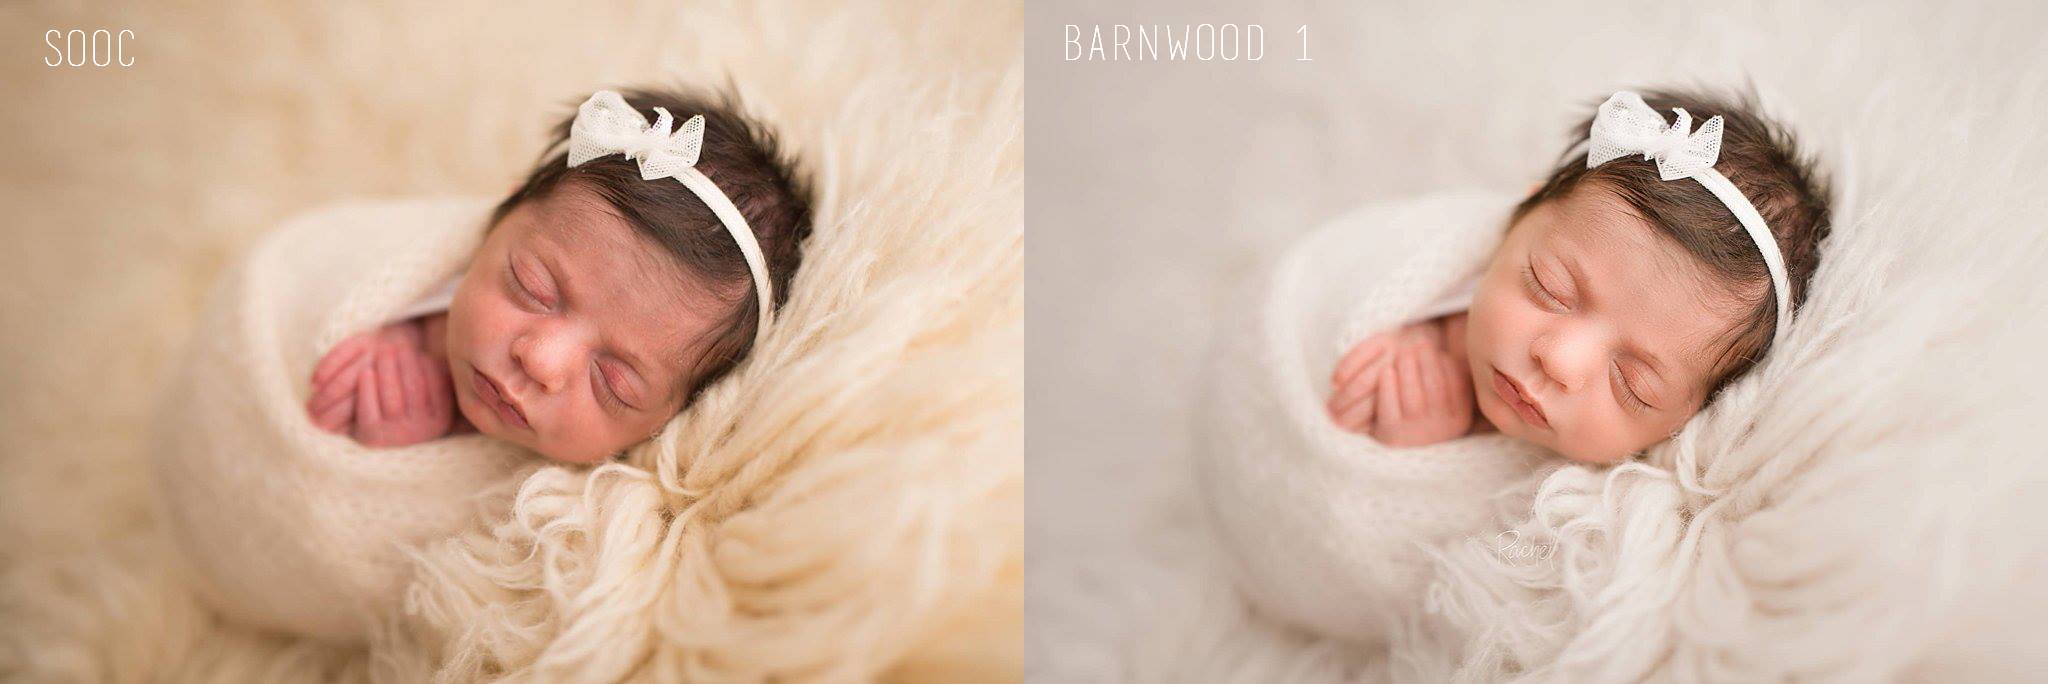 Rachel Farganis Photography